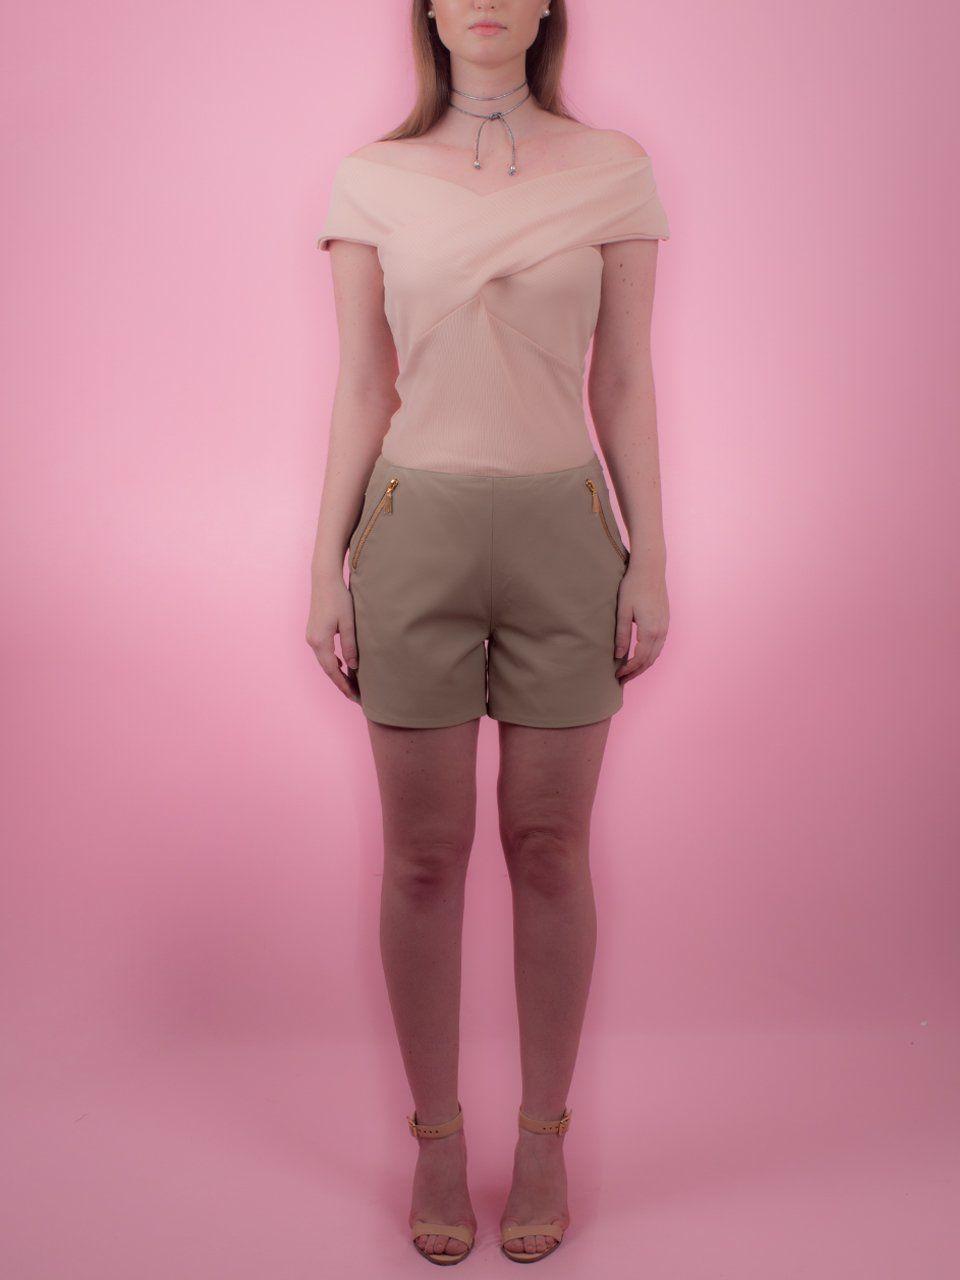 Shorts com Zíperes nos Bolsos - Liziane Richter